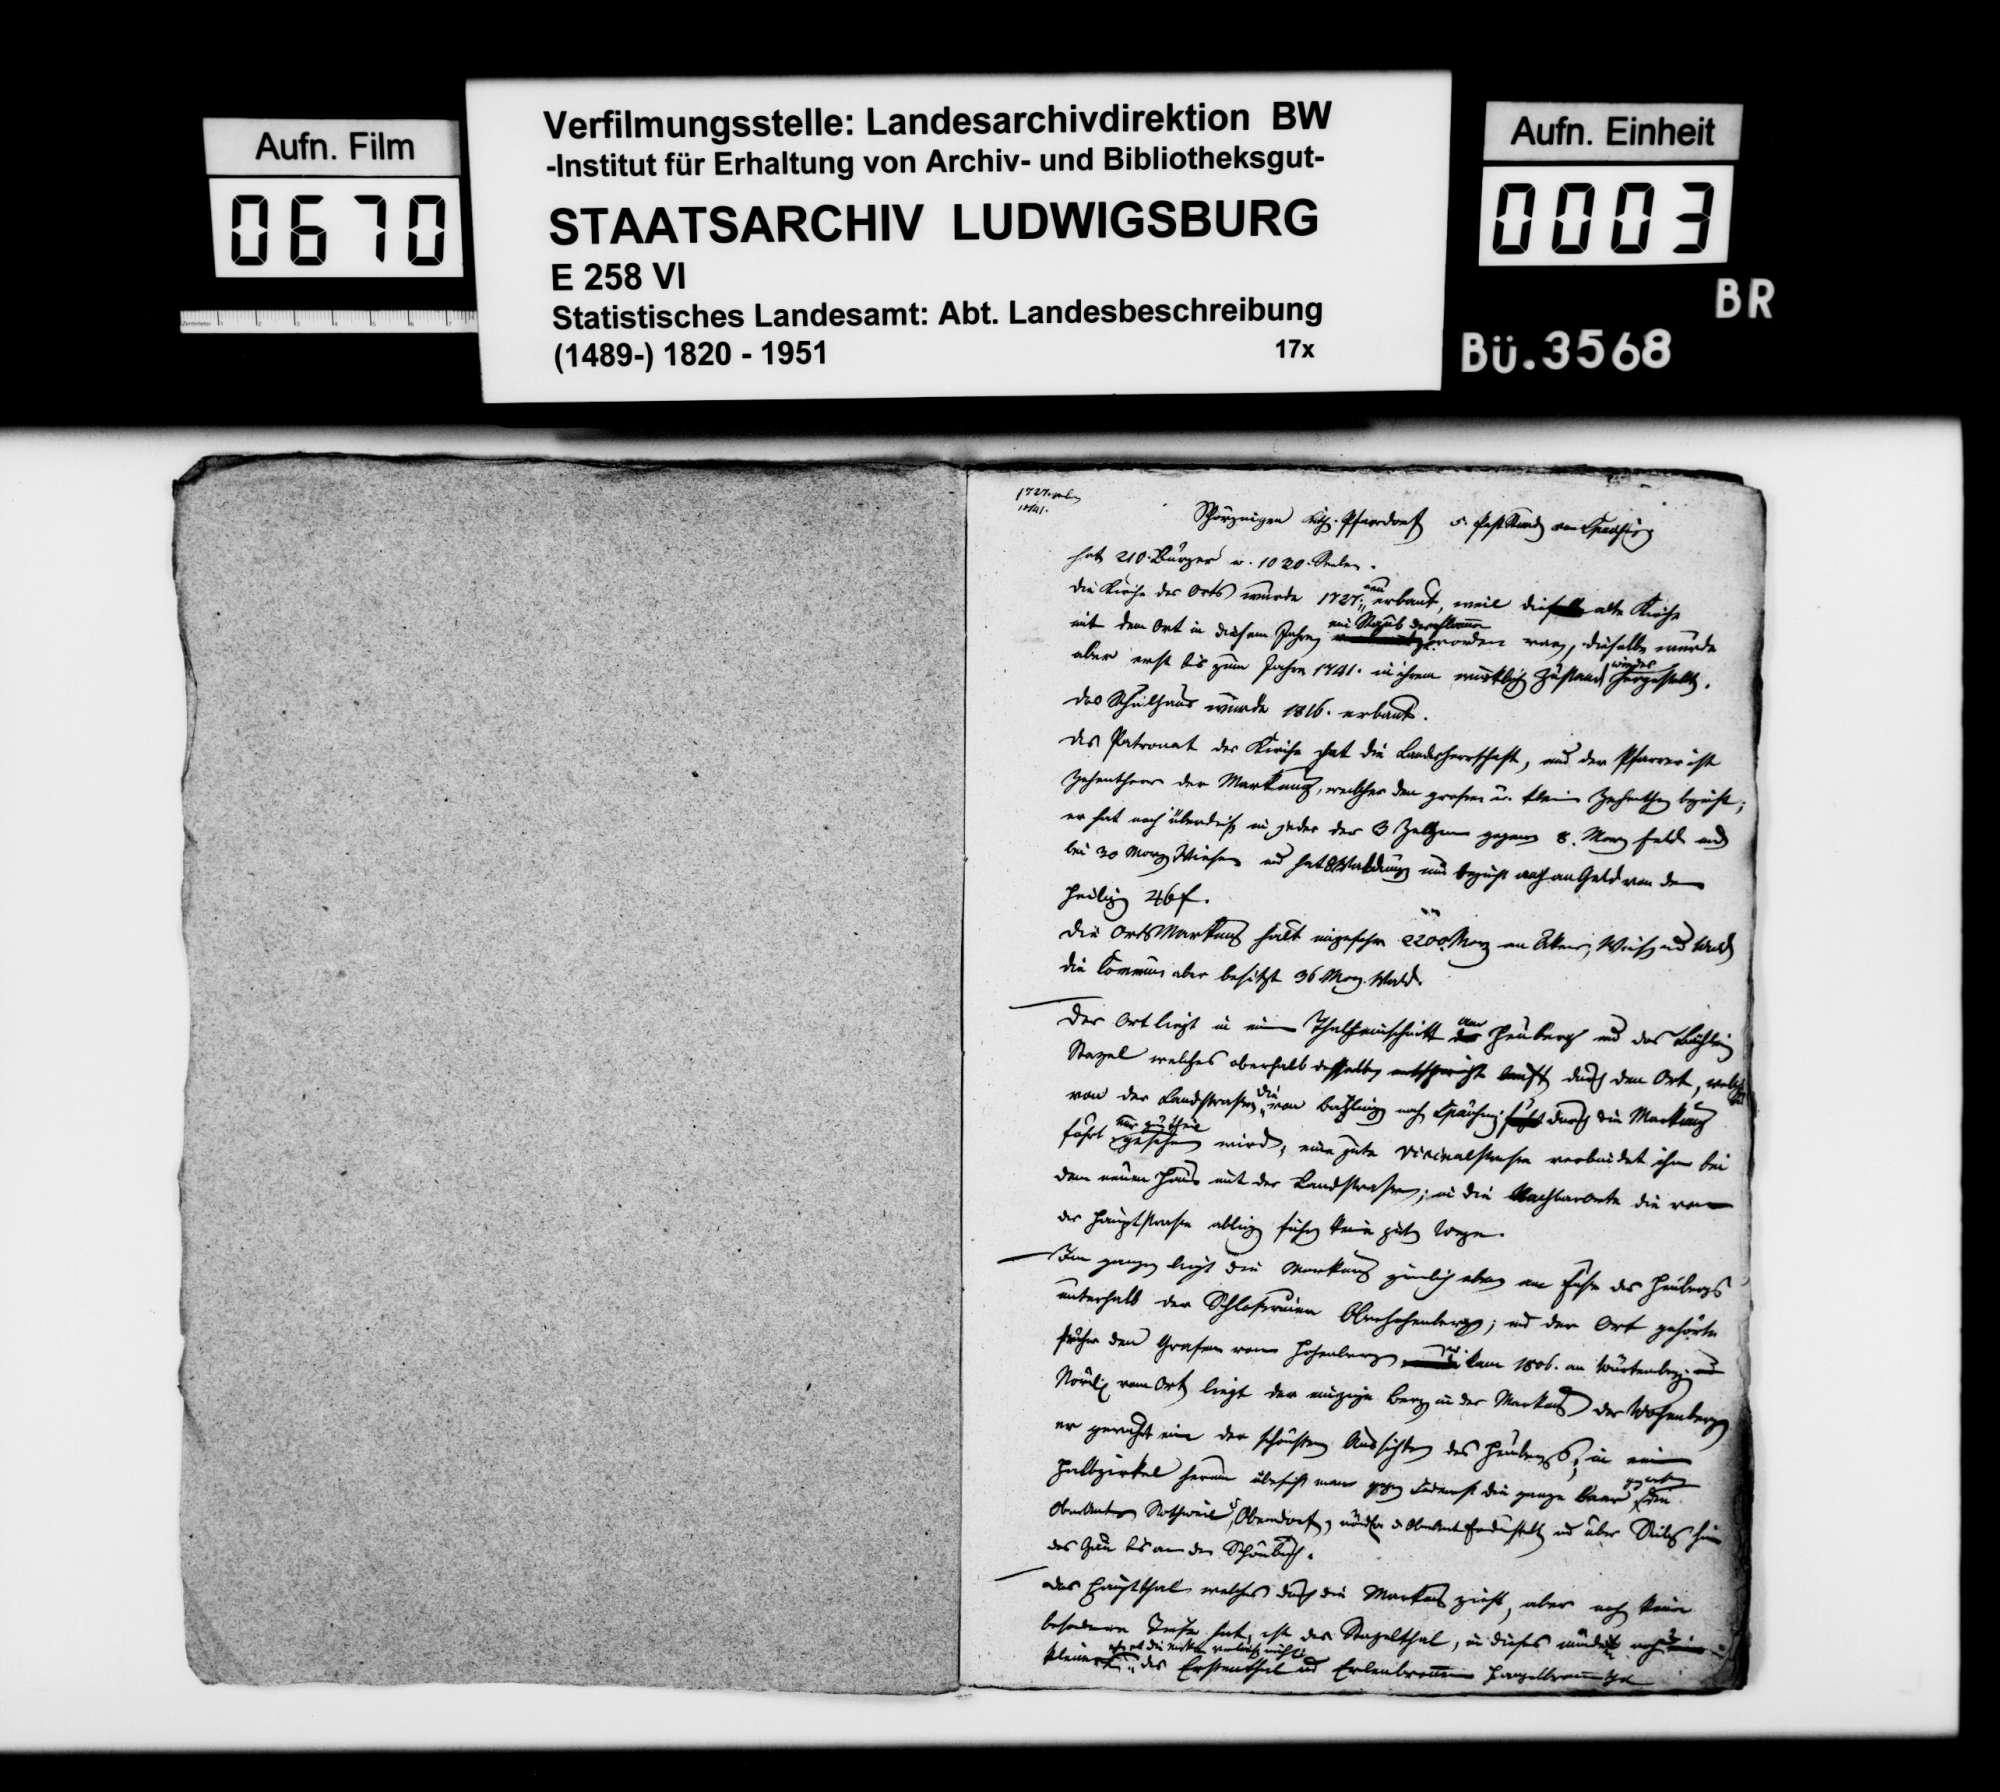 Topographisch-statistische, auch historiographische Notizen des Trigonometers Kohler zu Schörzingen, Frittlingen, Aixheim, Aldingen, Denkingen, Dürbheim, Balgheim und Spaichingen, Bild 2